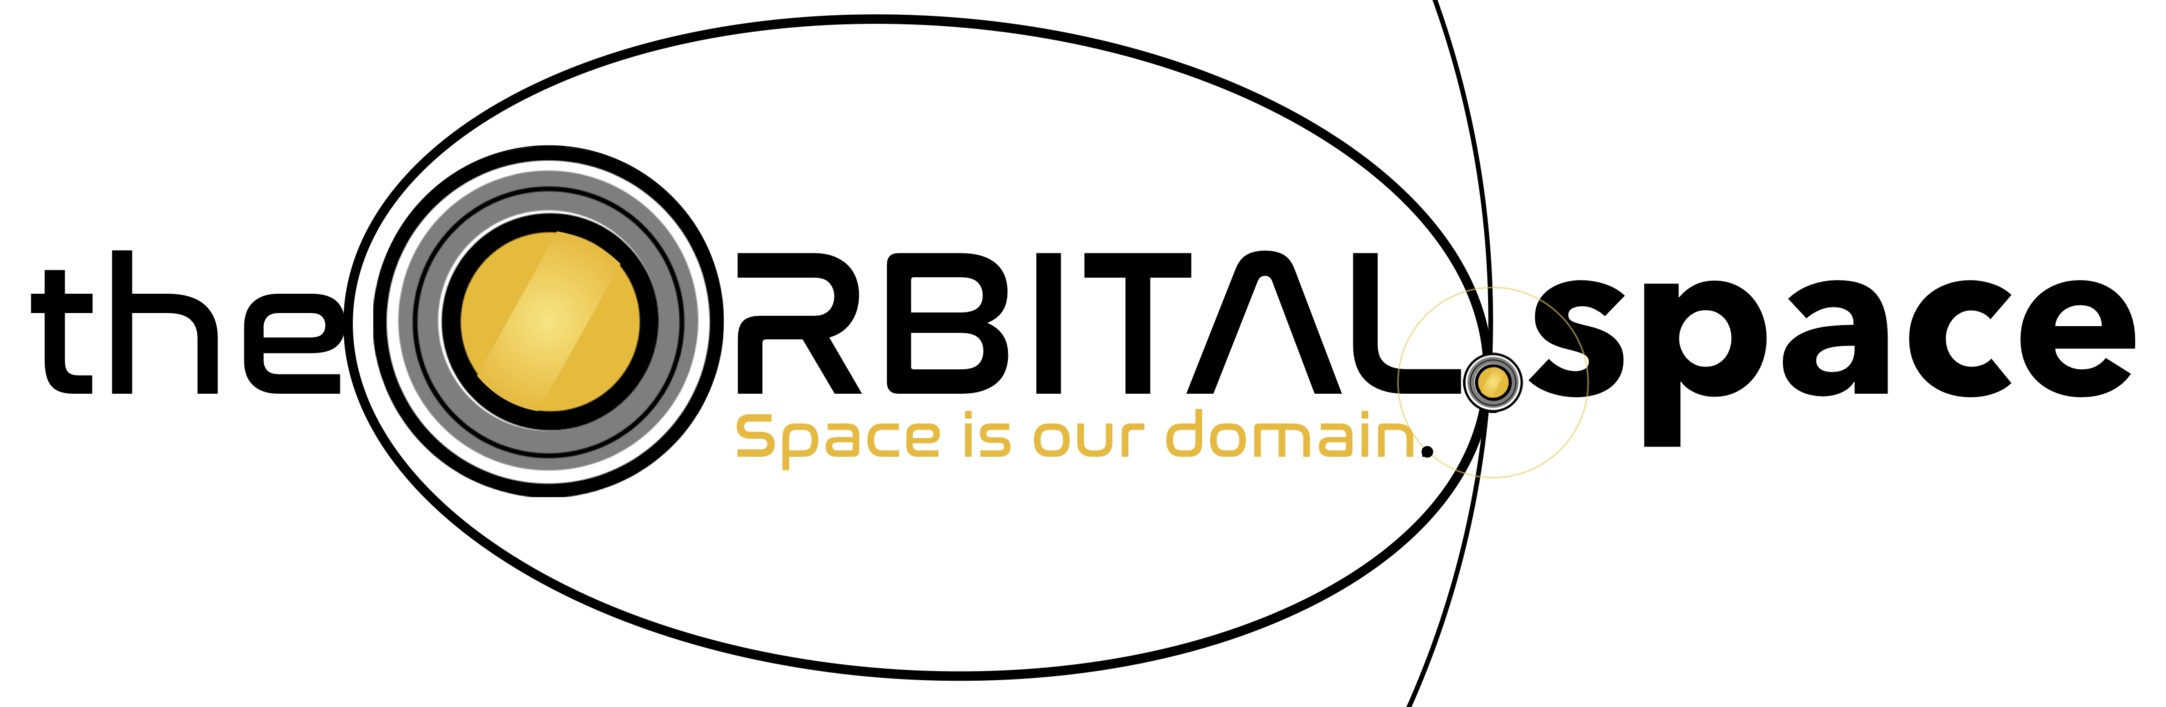 new_Orbital_LOGO_banner.jpg